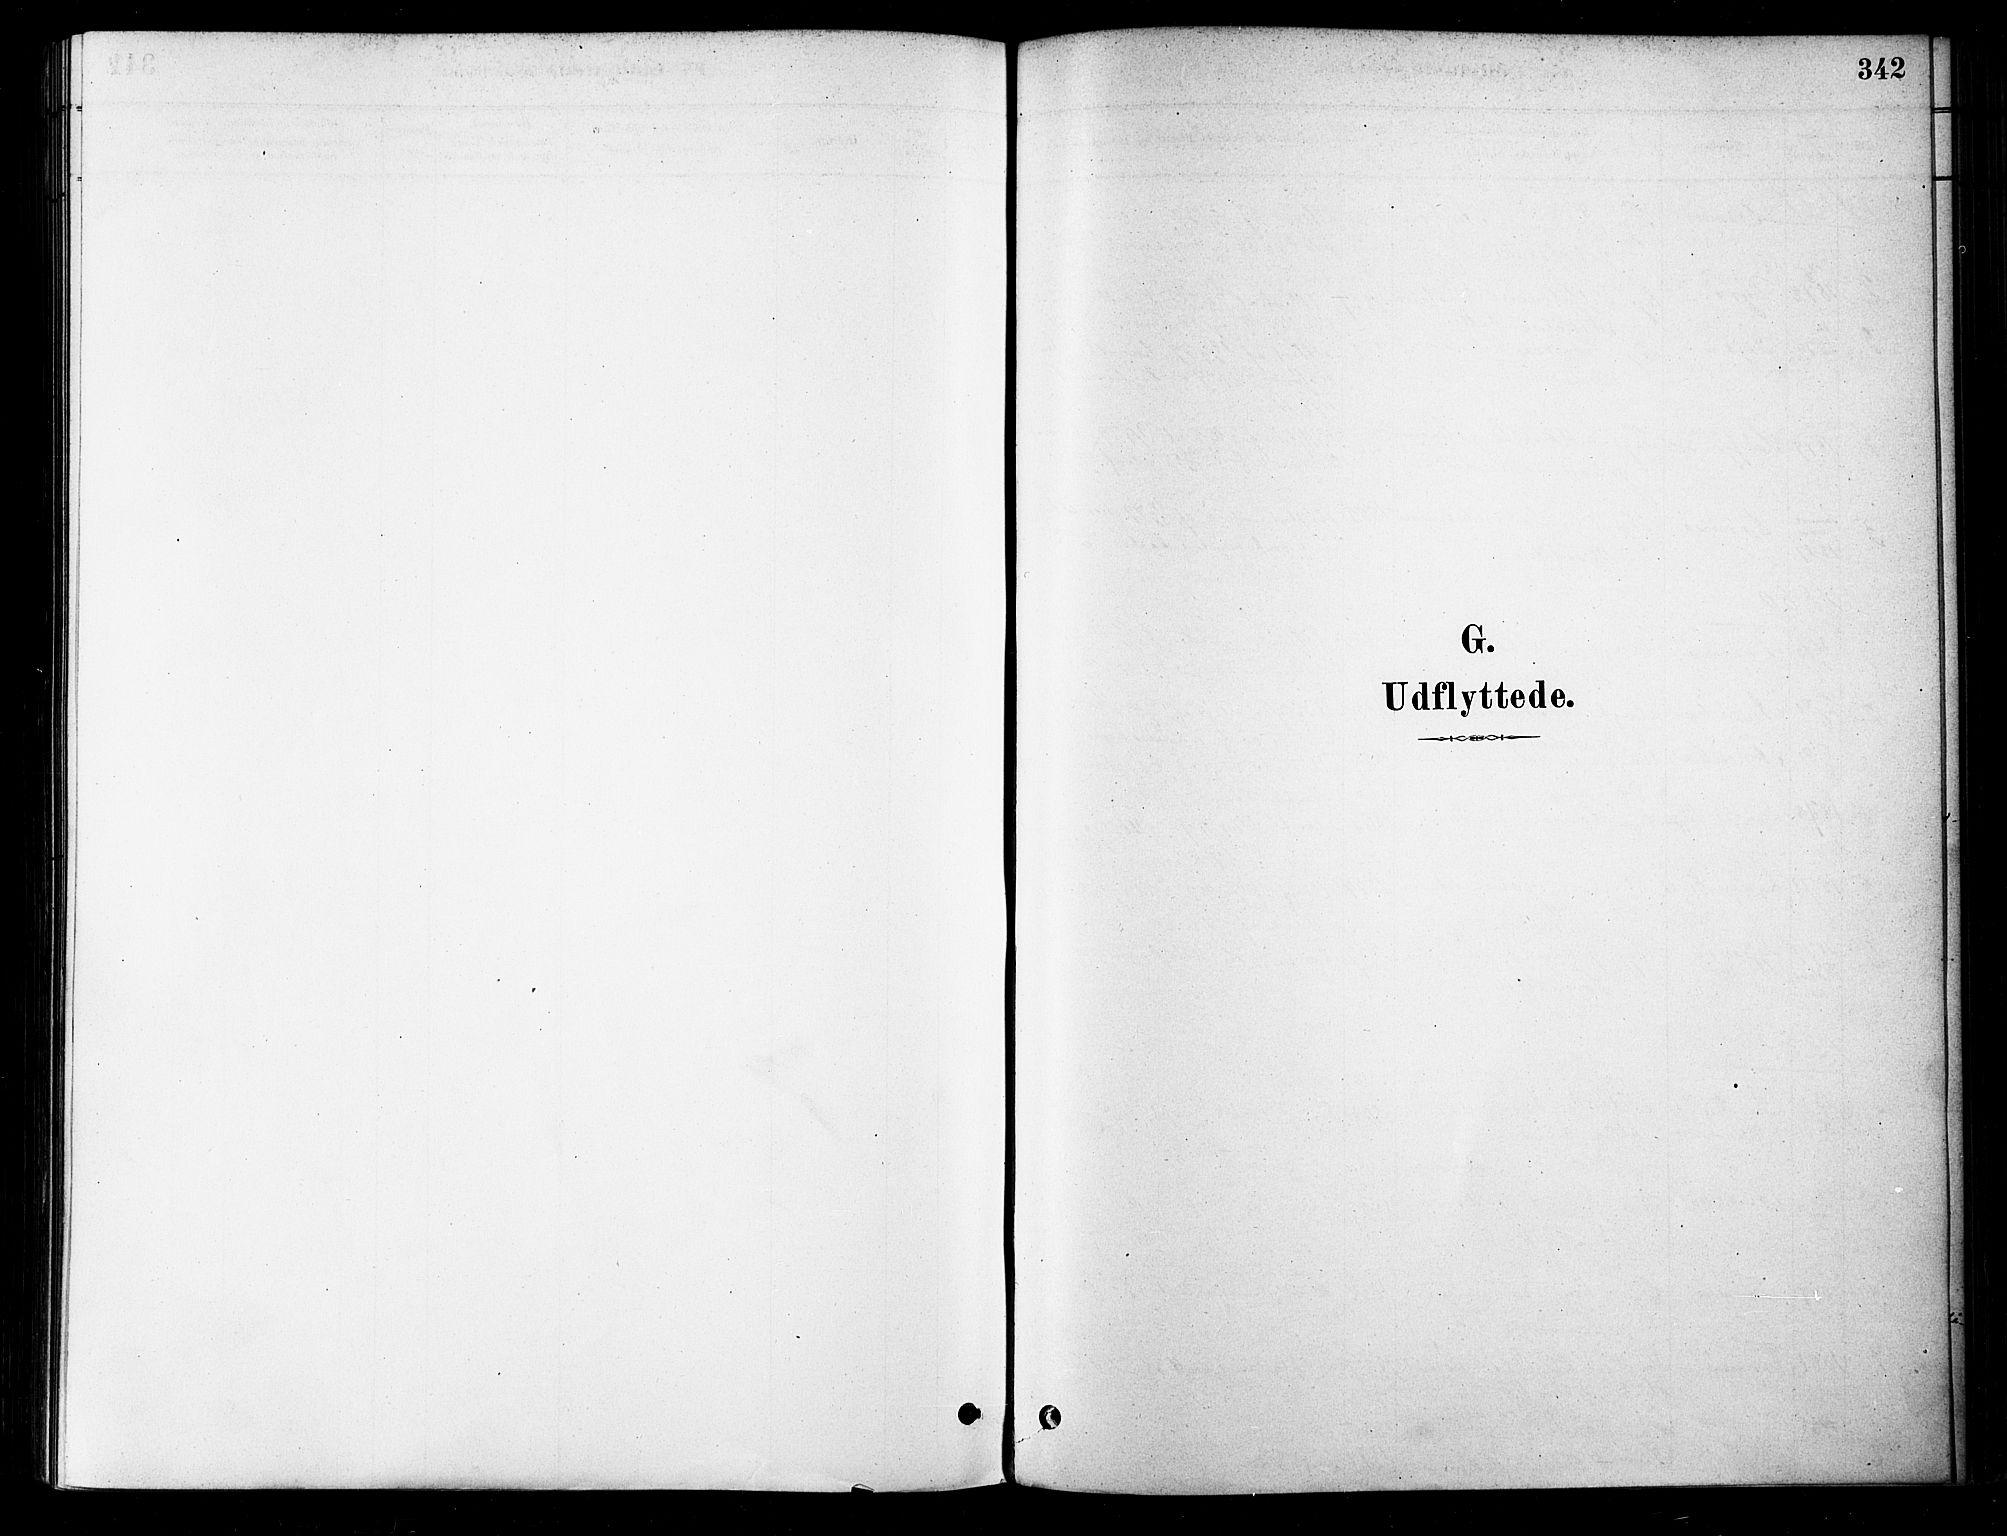 SATØ, Karlsøy sokneprestembete, Ministerialbok nr. 6, 1879-1890, s. 342